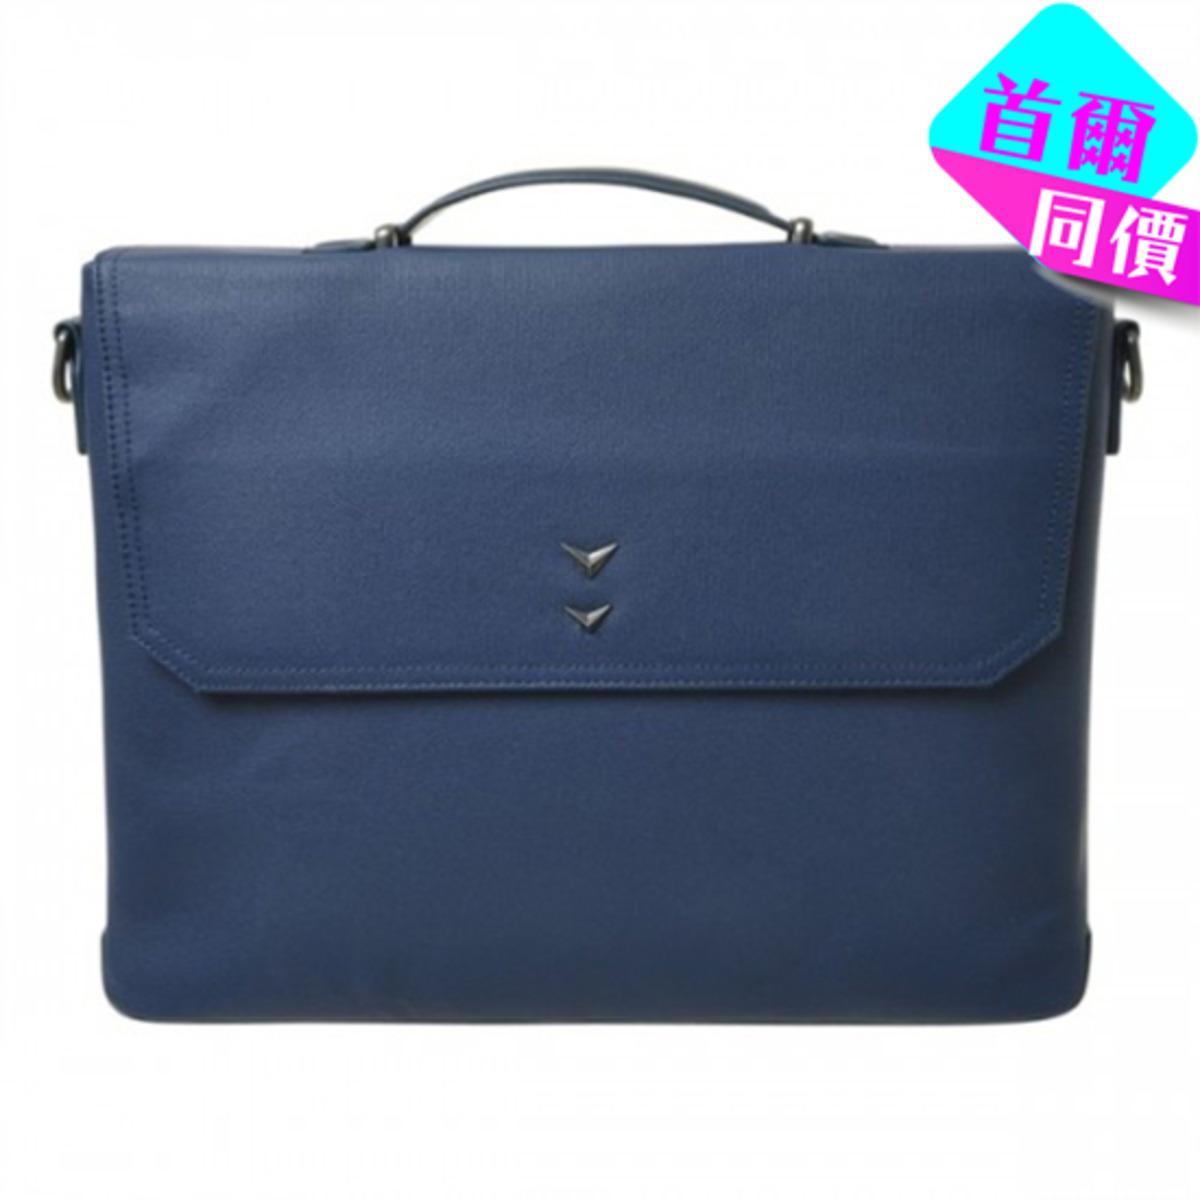 型格商務公事包 (可手提/斜孭) (深藍)_P00000EQ